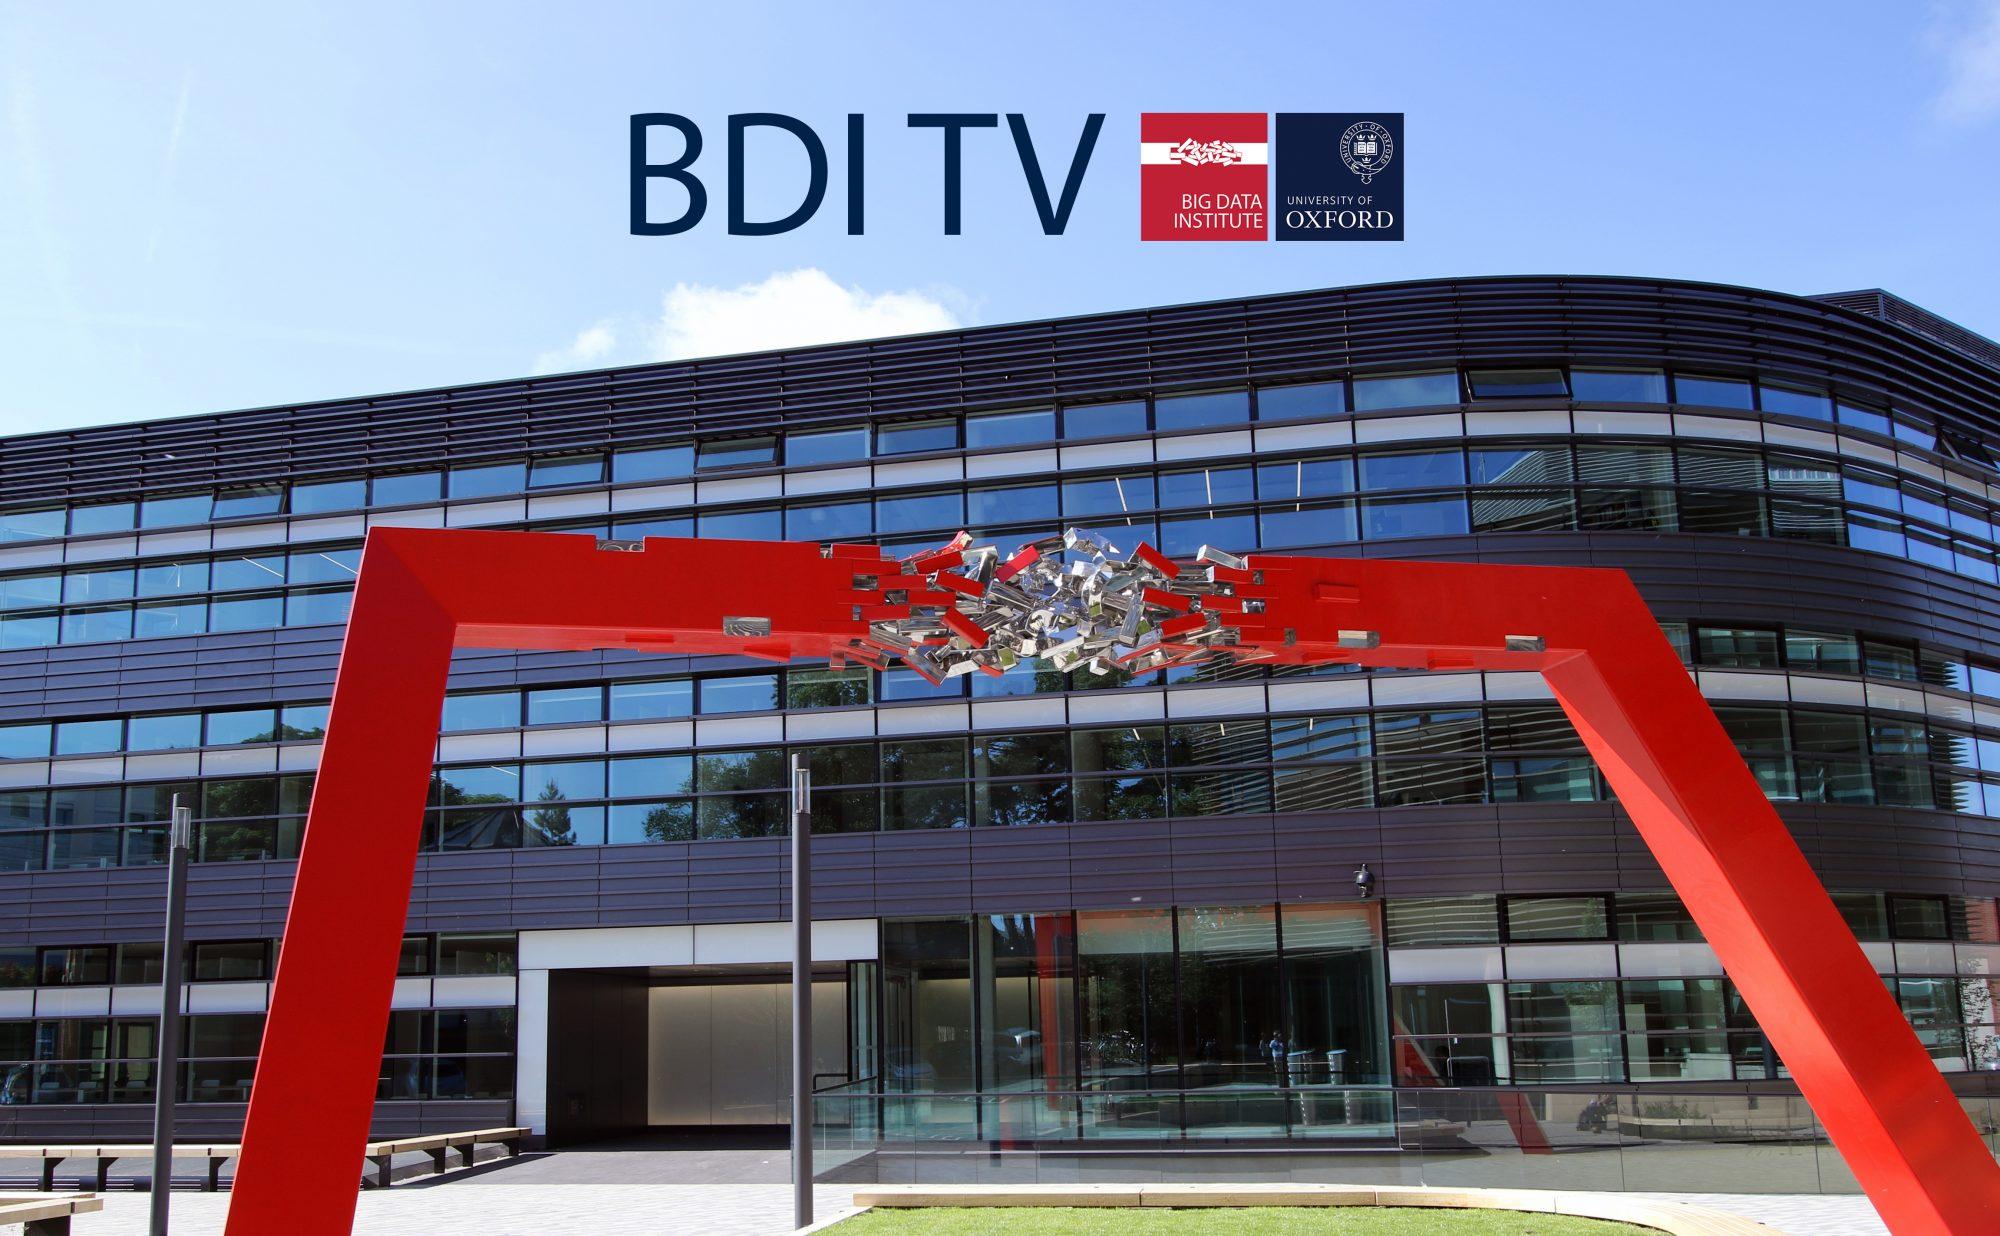 BDI TV